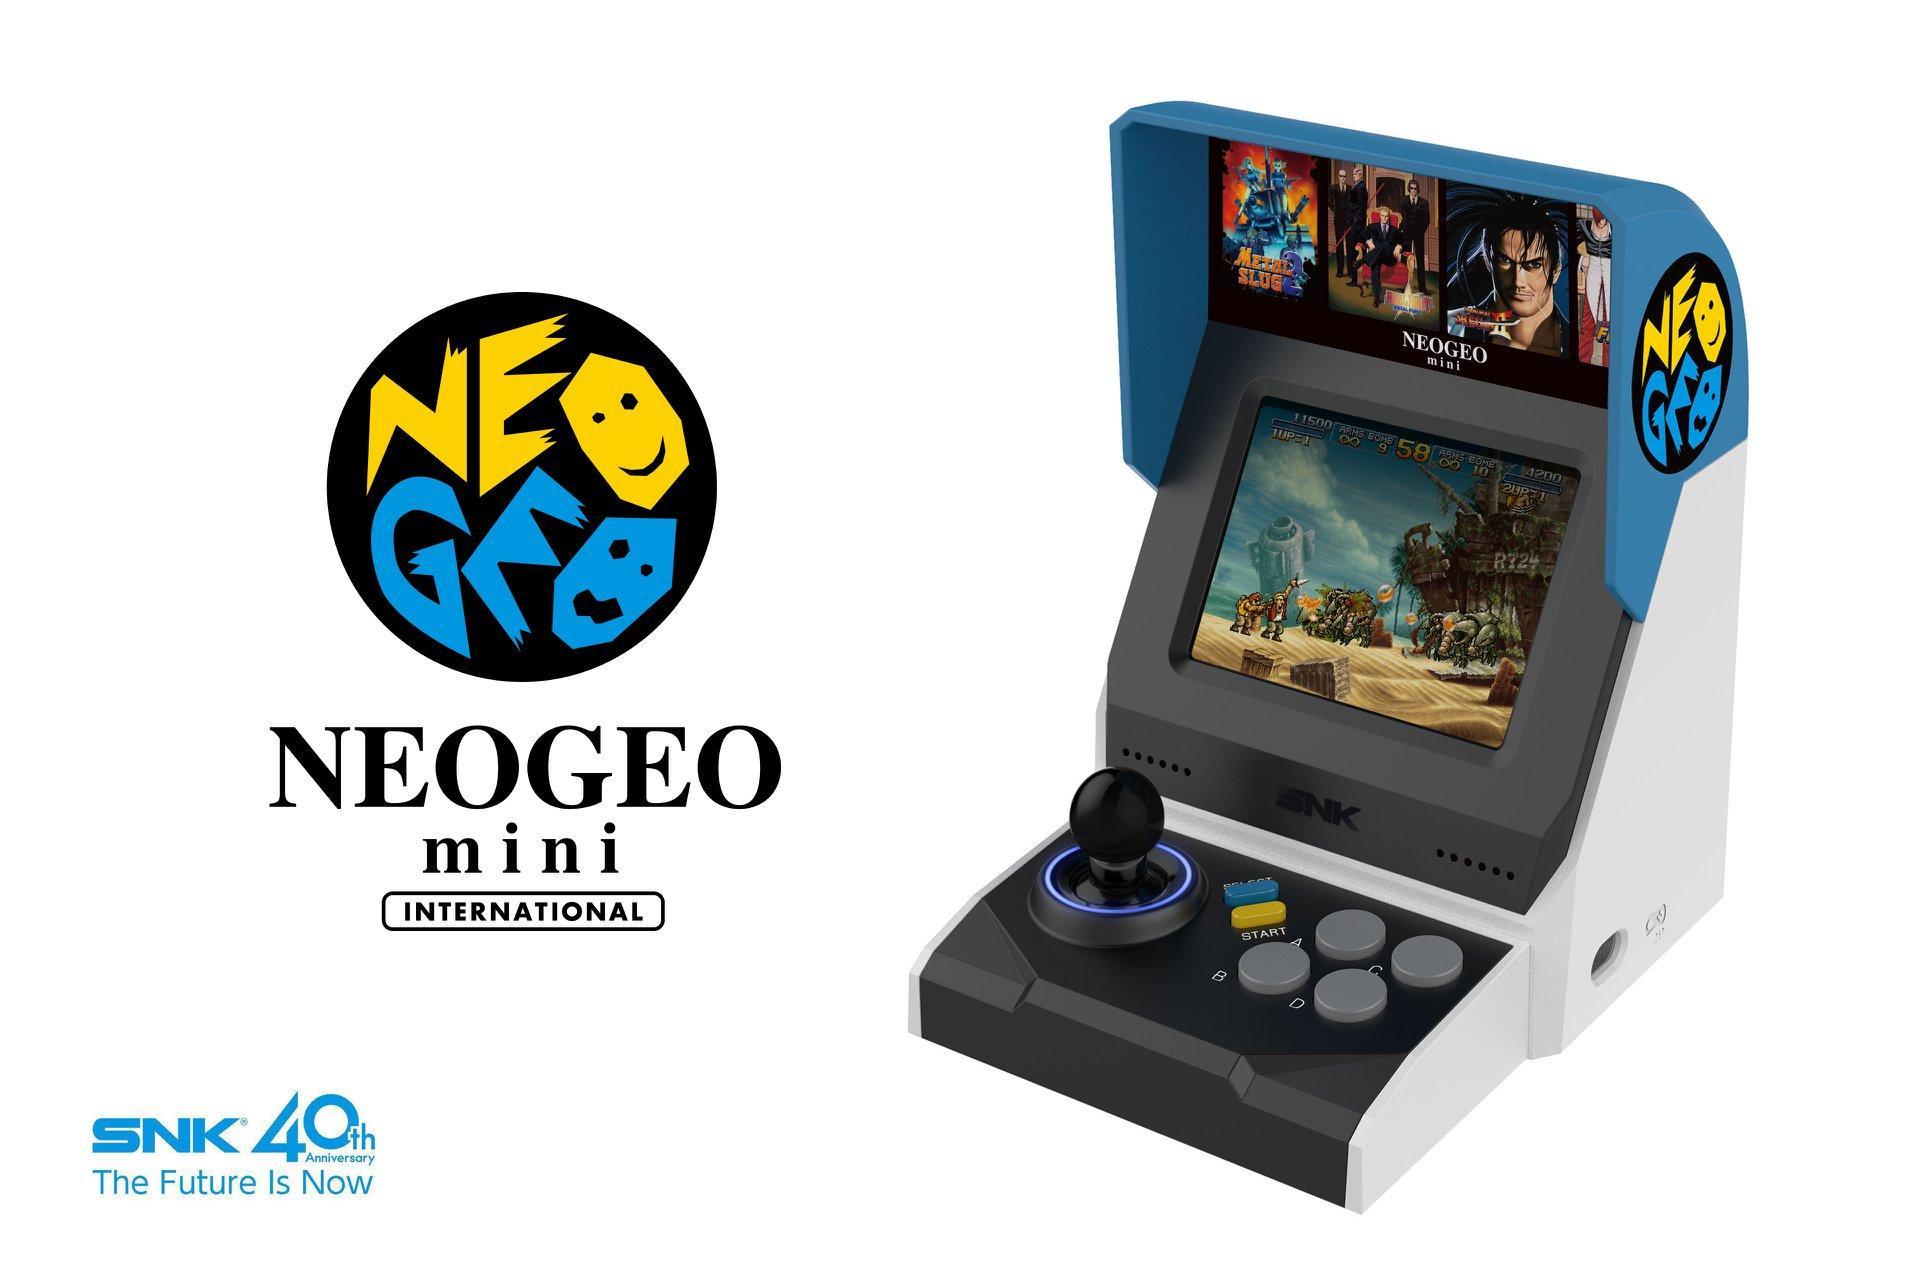 Le immagini ufficiali del Neo Geo Mini